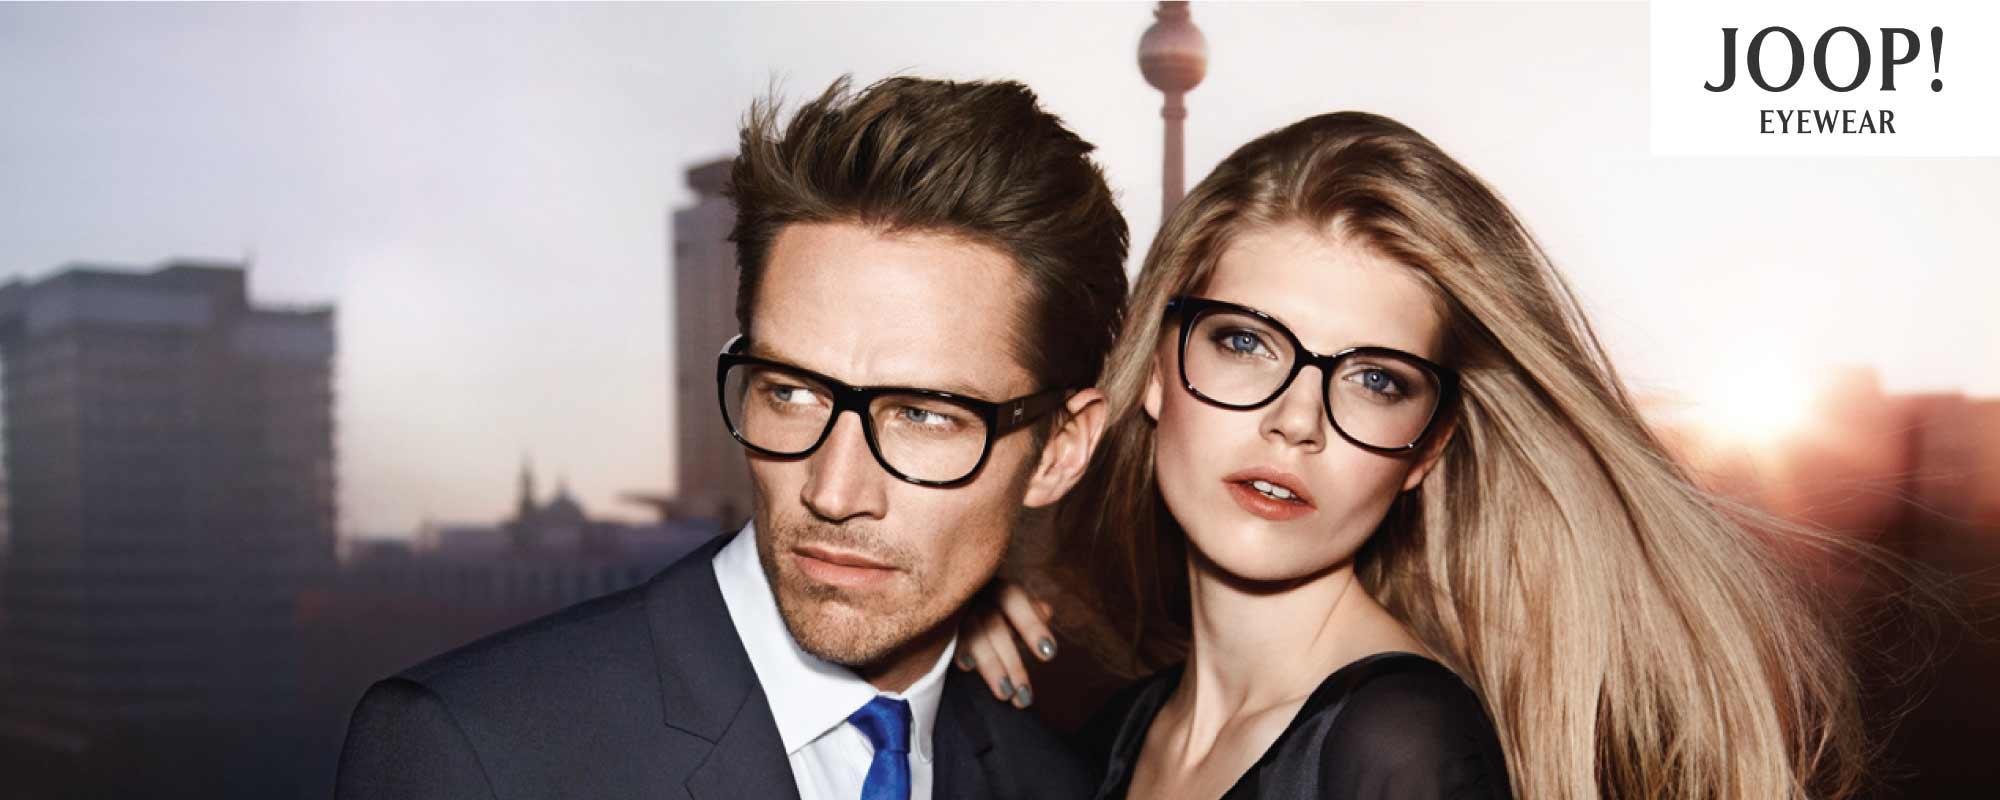 Dioptrijske naočare Joop